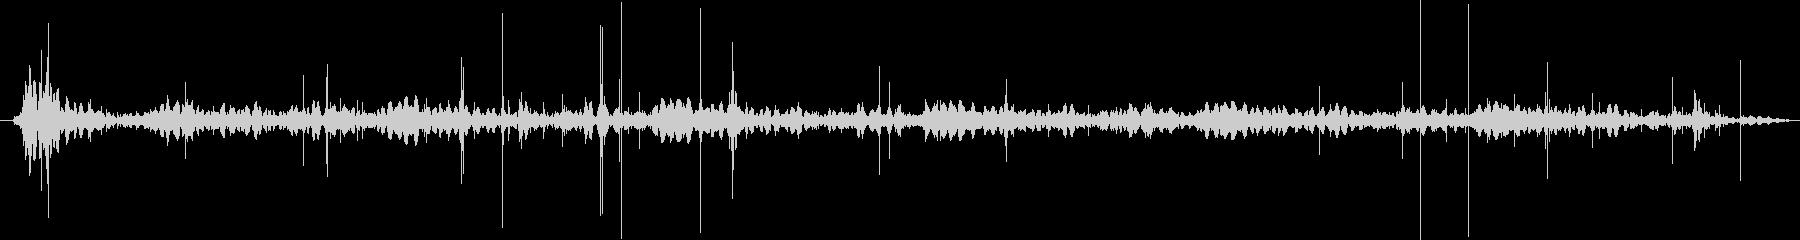 レコードノイズ(チリチリ)の未再生の波形